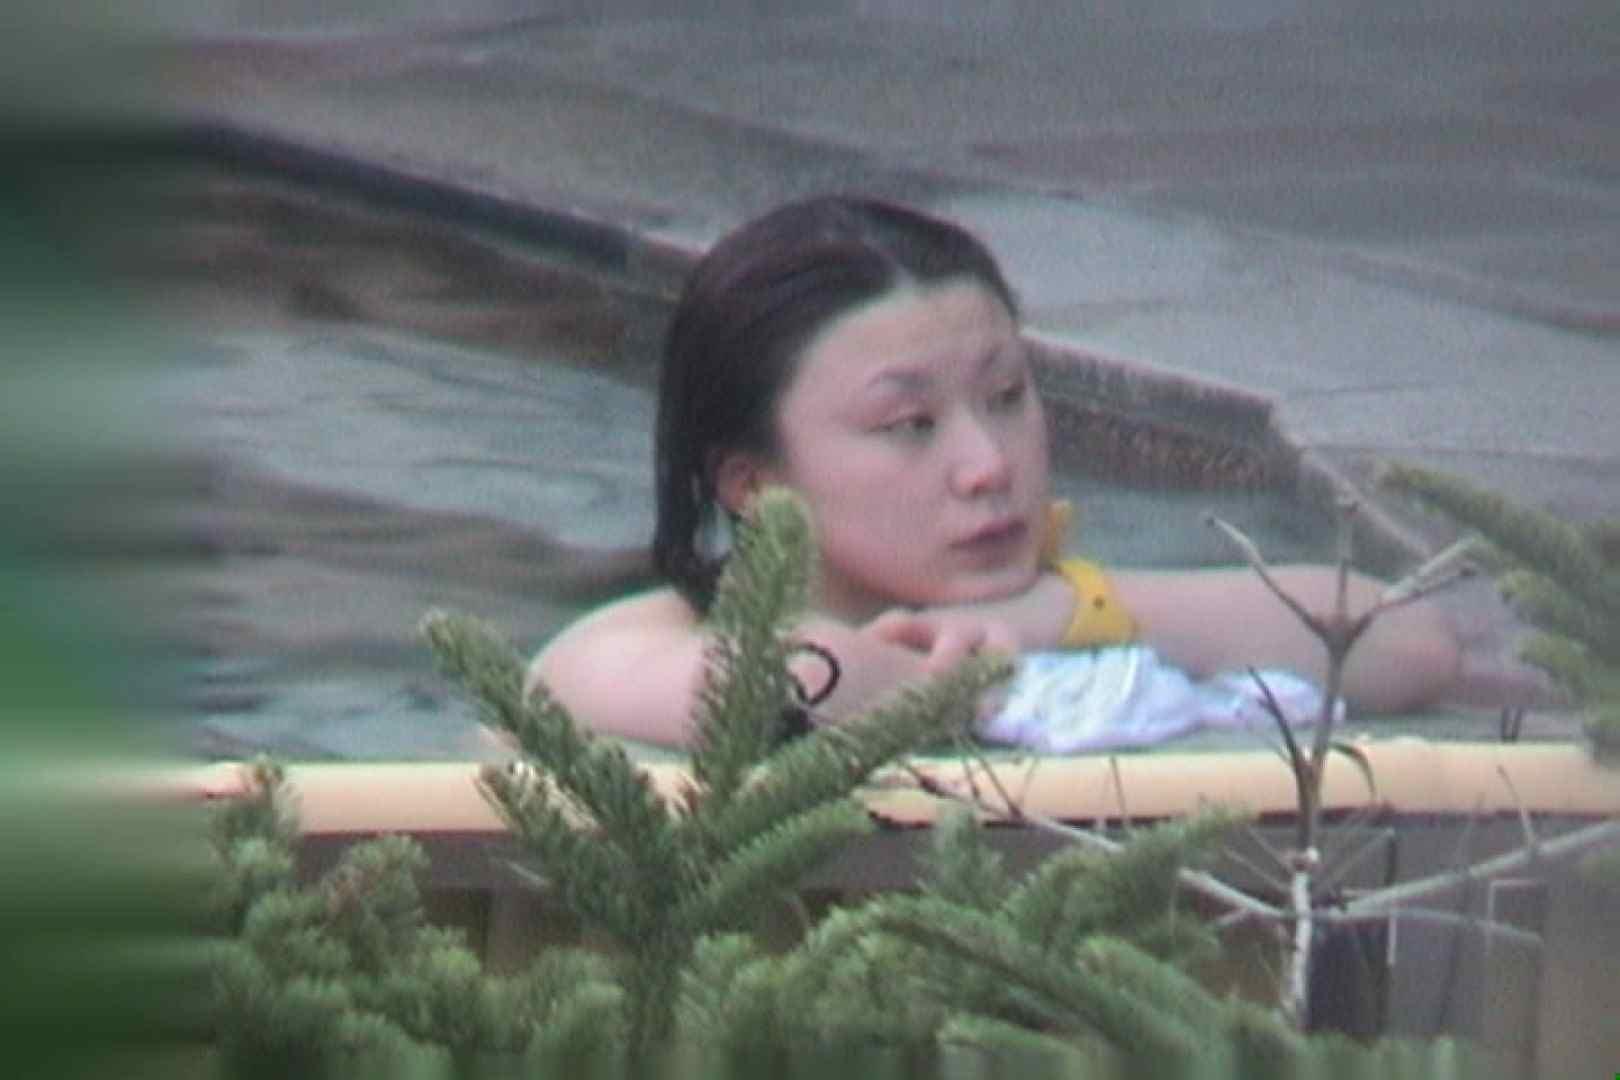 Aquaな露天風呂Vol.599 露天 | 綺麗なOLたち  71枚 16